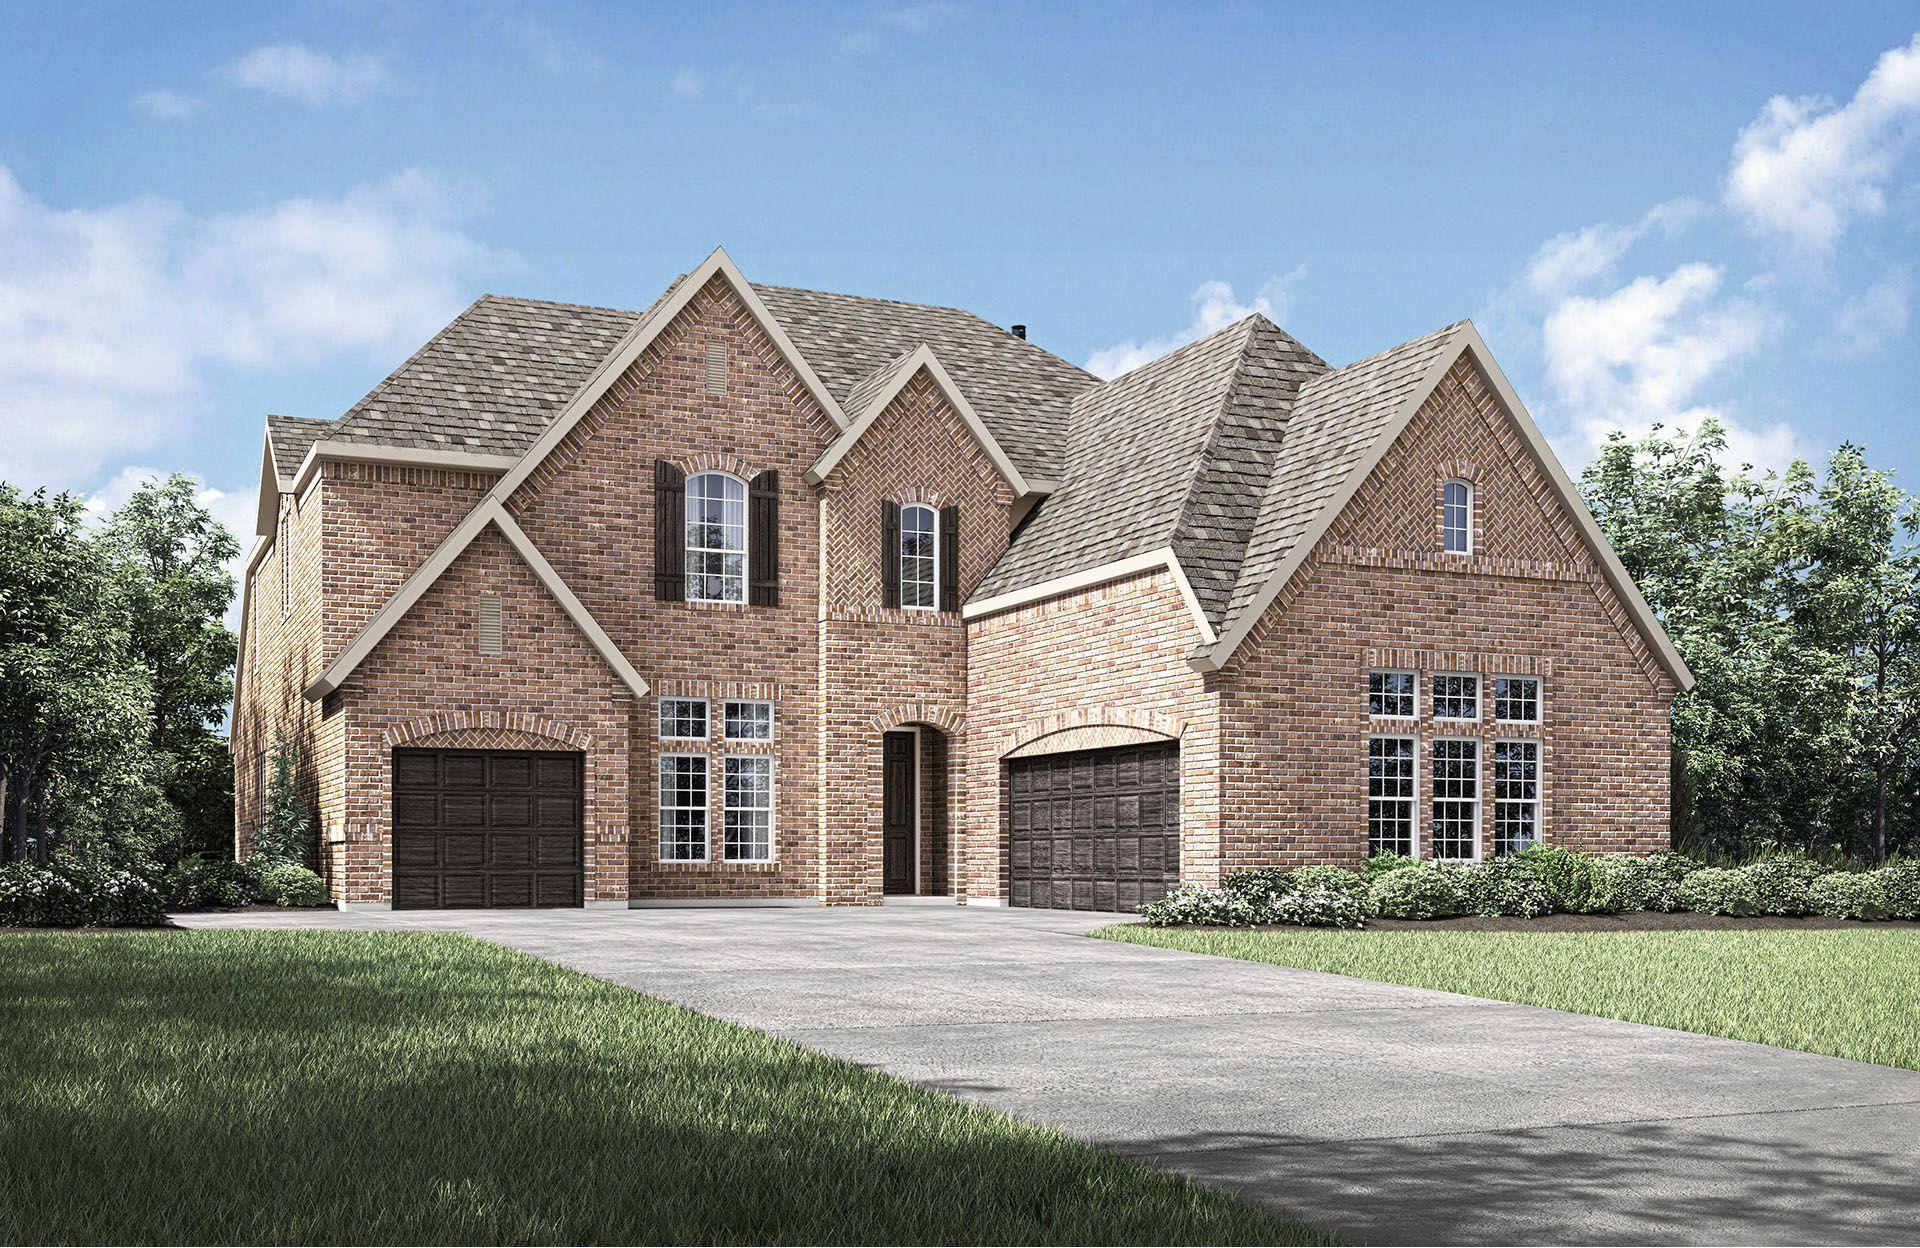 Single Family for Sale at Nine Oaks - Grayford 611 Oak Grove Lane Coppell, Texas 75019 United States